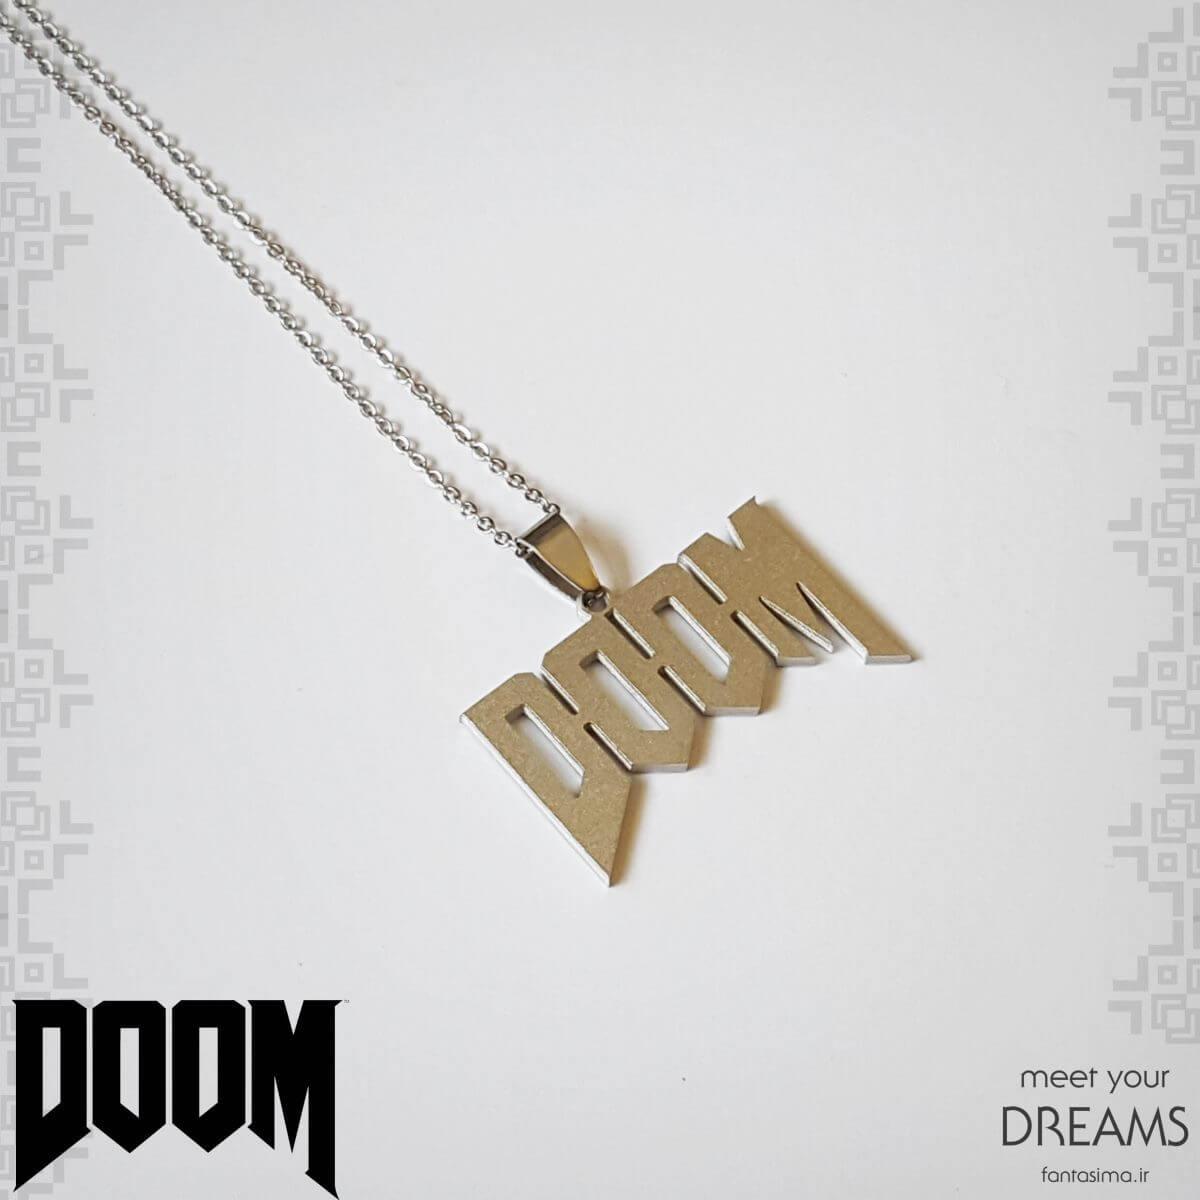 گردنبند استیل دووم (doom) - مات